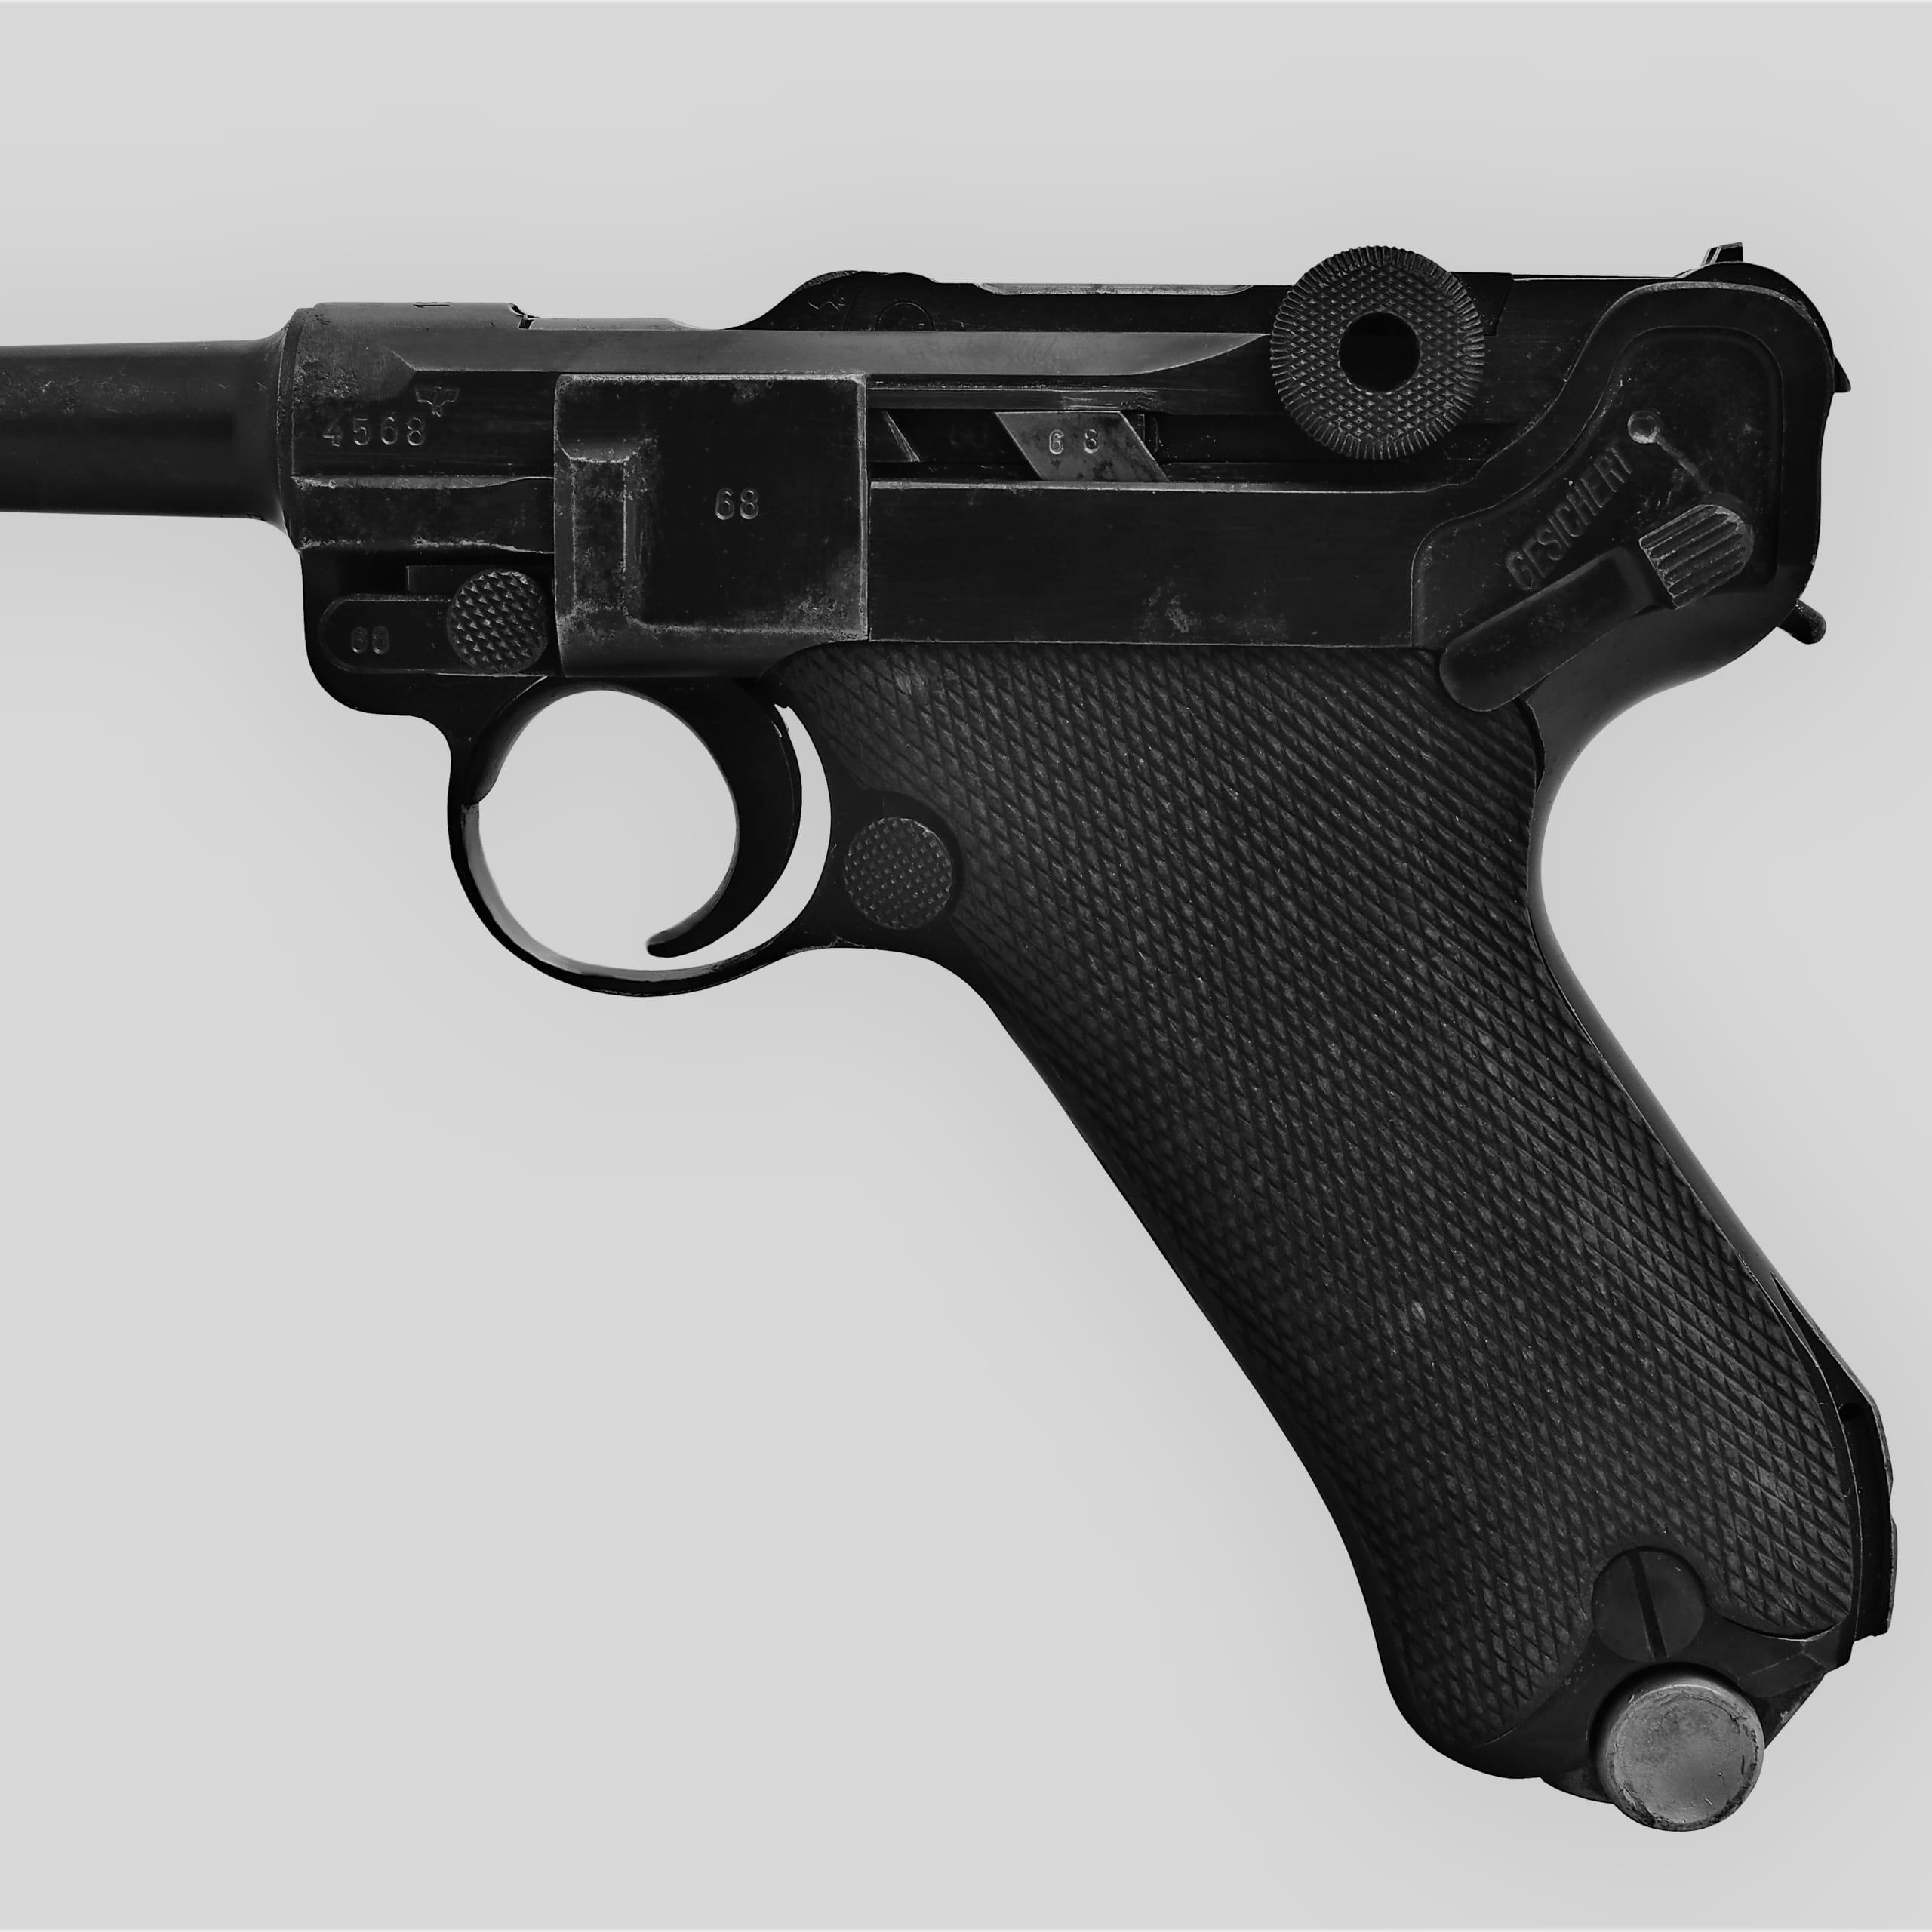 ルガーP08(パラベラム・ピストル)~銃器先進国ドイツが生んだ伝説の名銃~